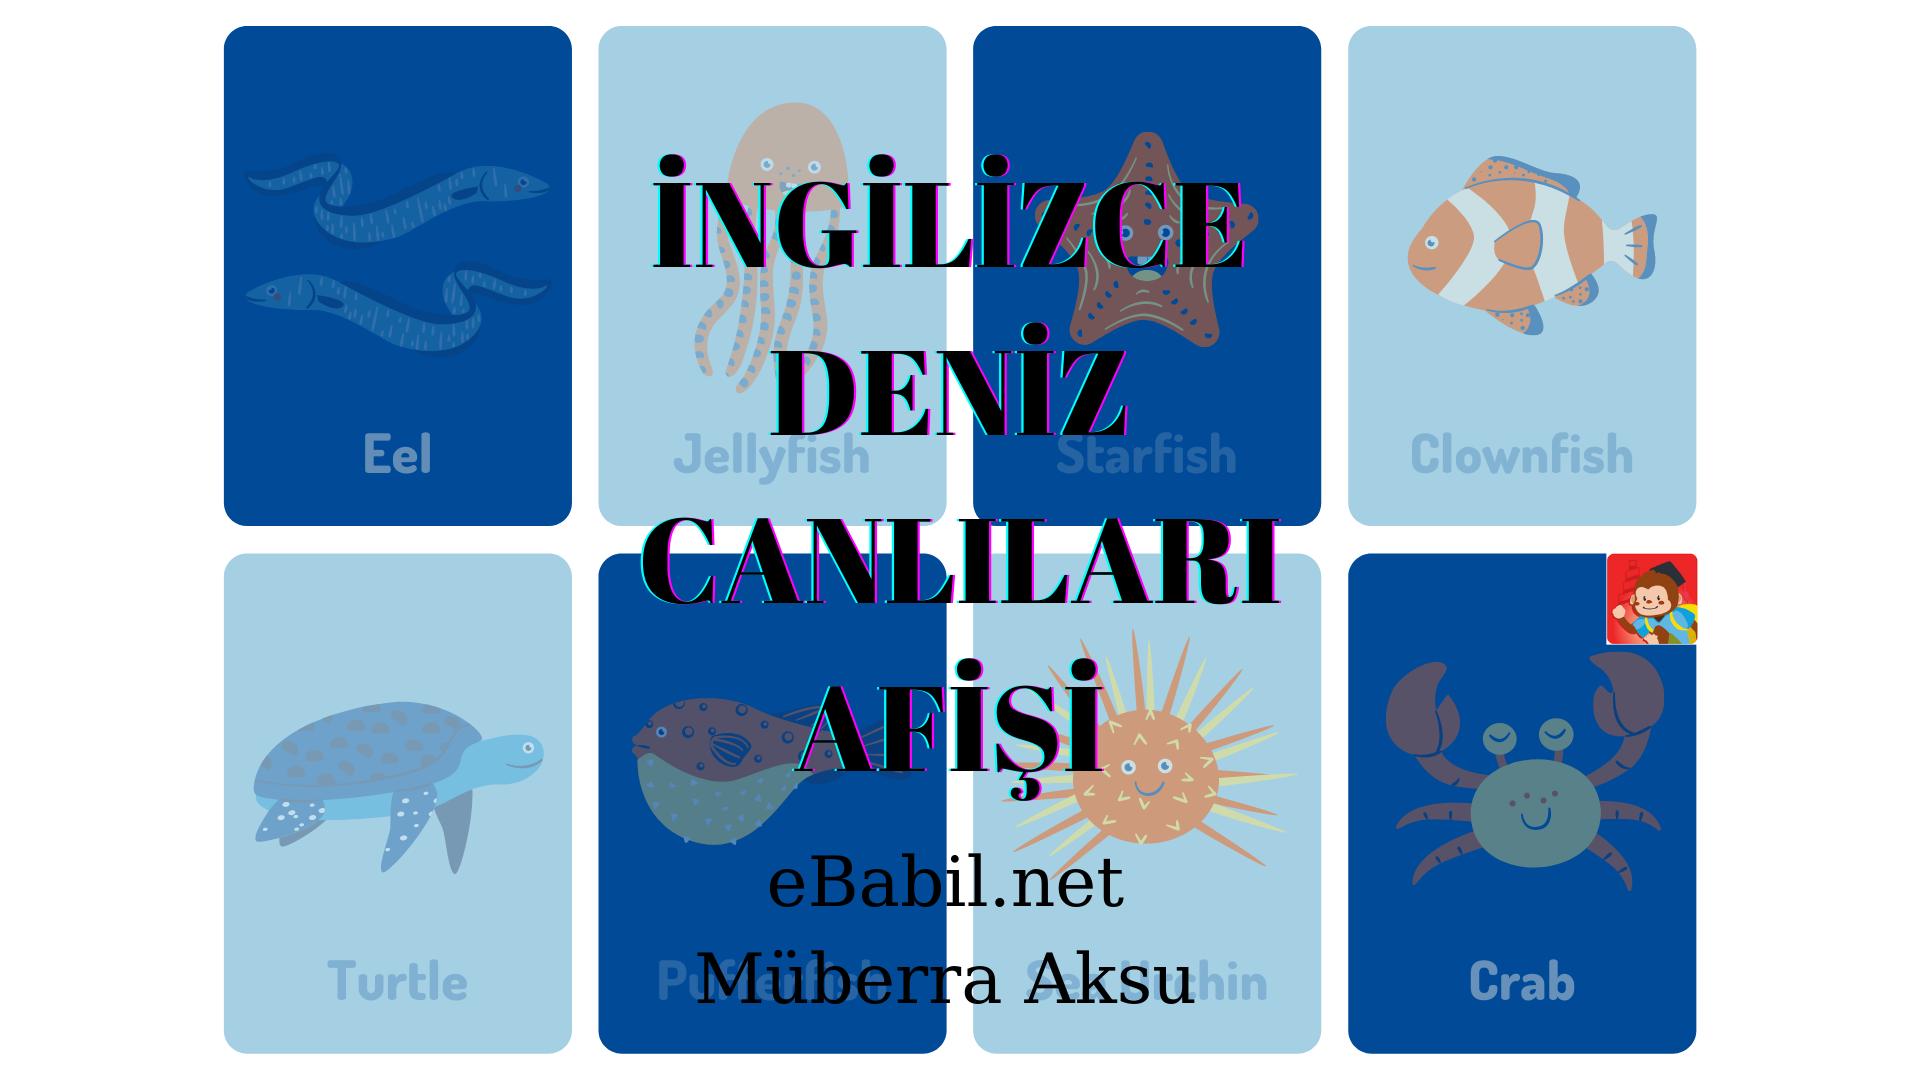 İngilizce Kavram Haritası: Deniz Canlıları (Sea Animals)